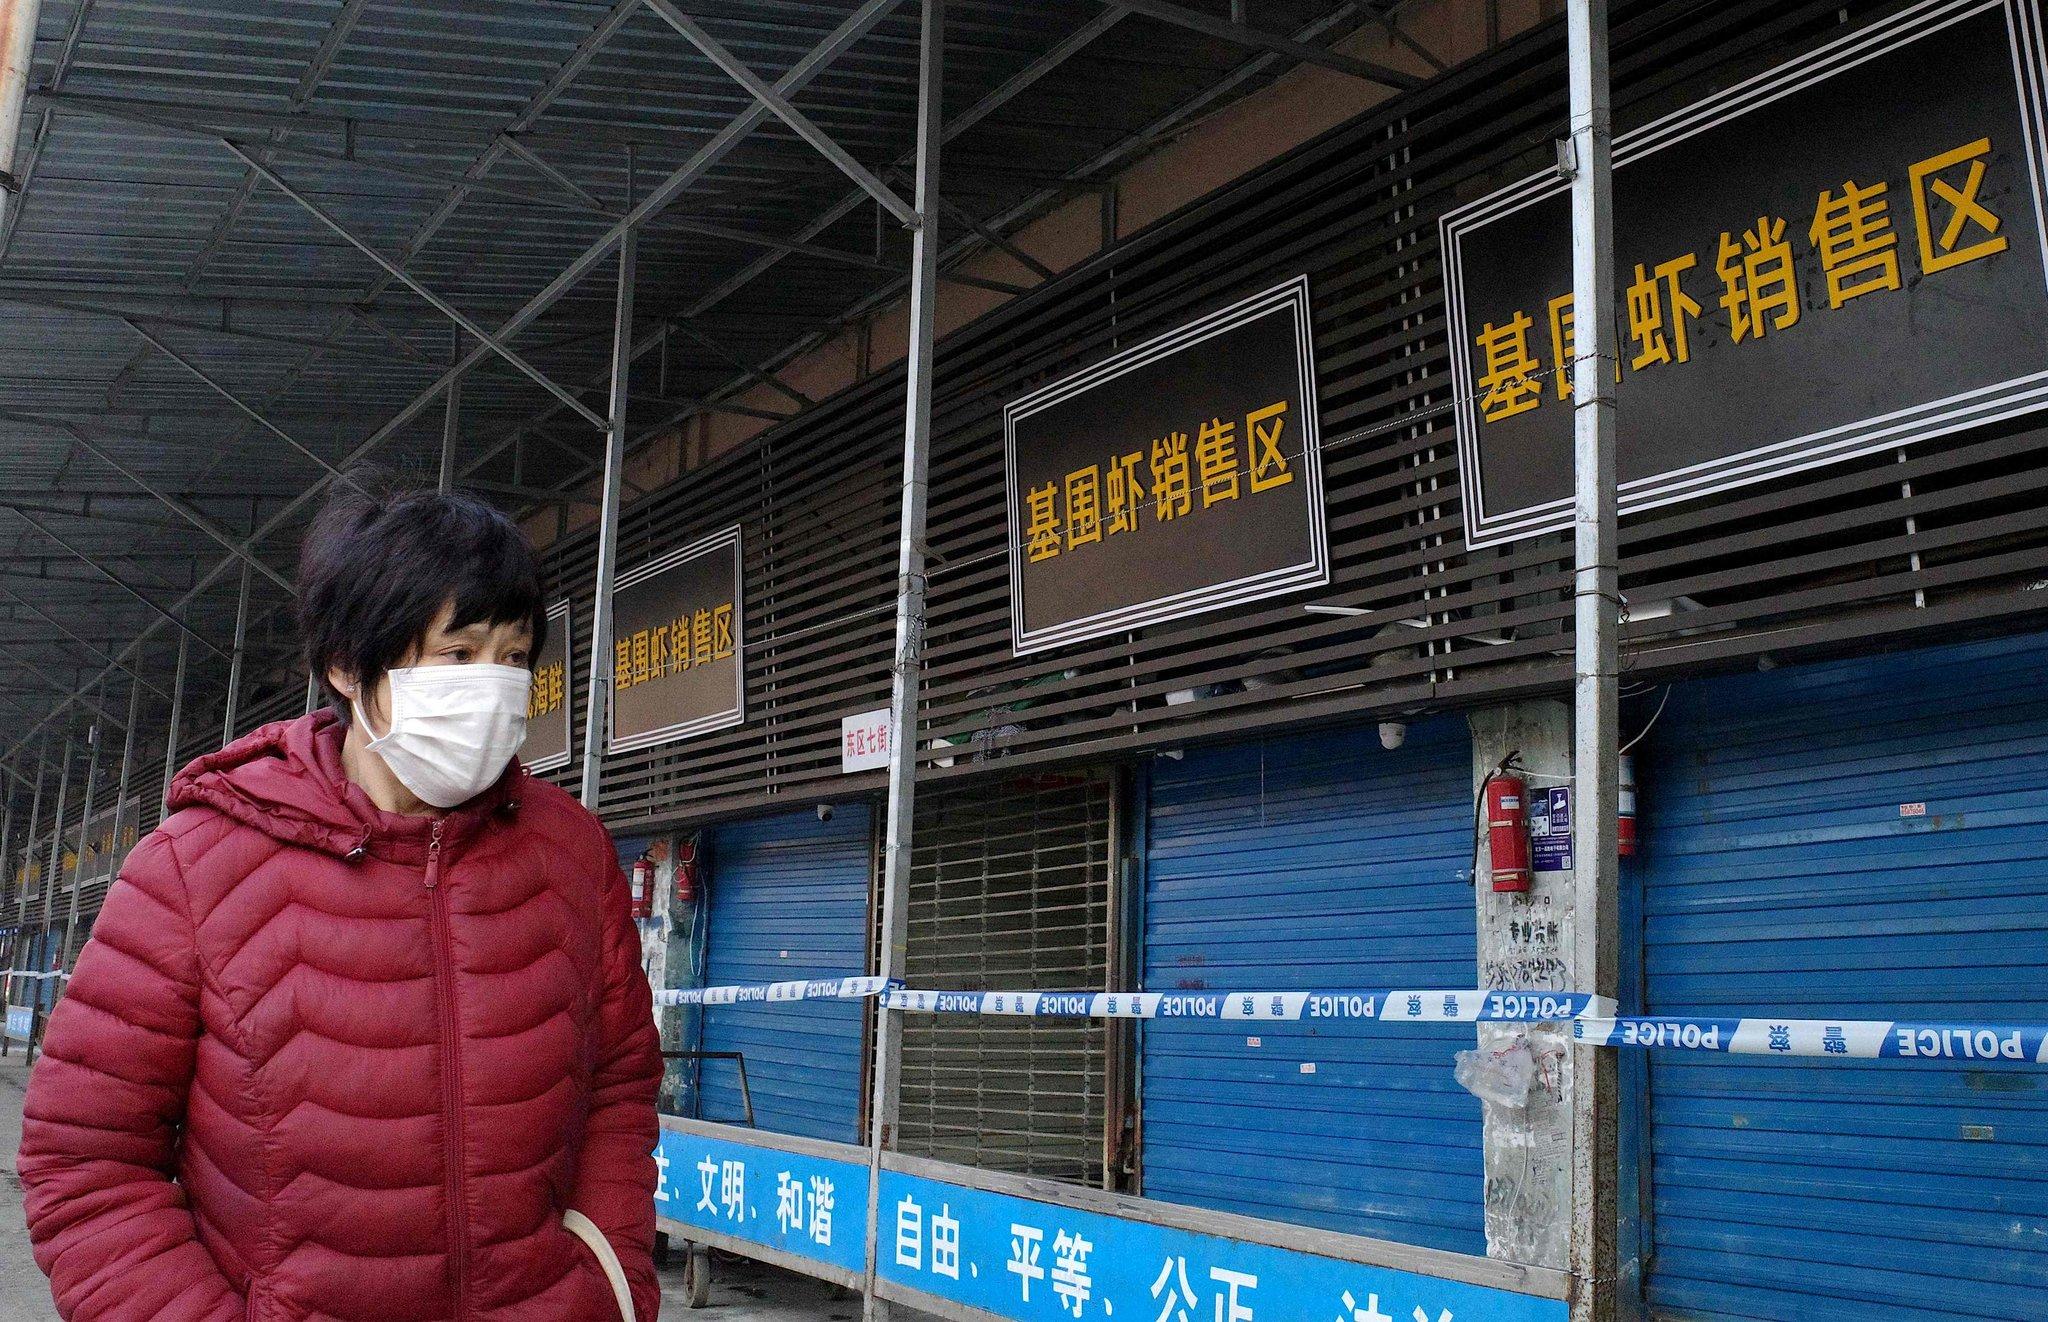 Lvmh : Le secteur du luxe victime collatérale de la propagation du virus respiratoire en Chine